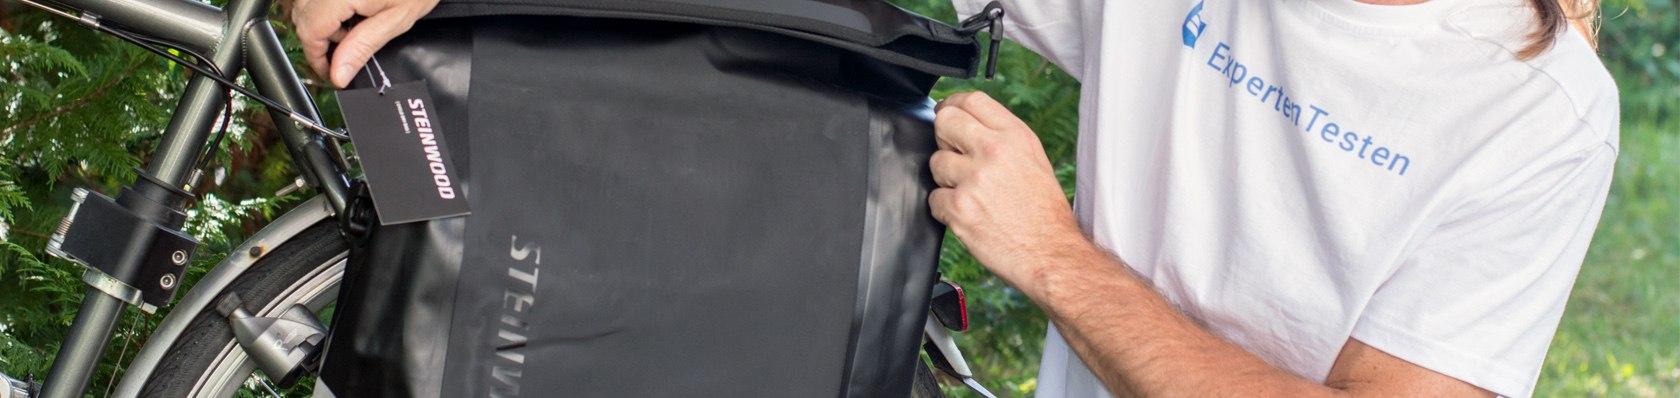 Fahrradtaschen im Test auf ExpertenTesten.de